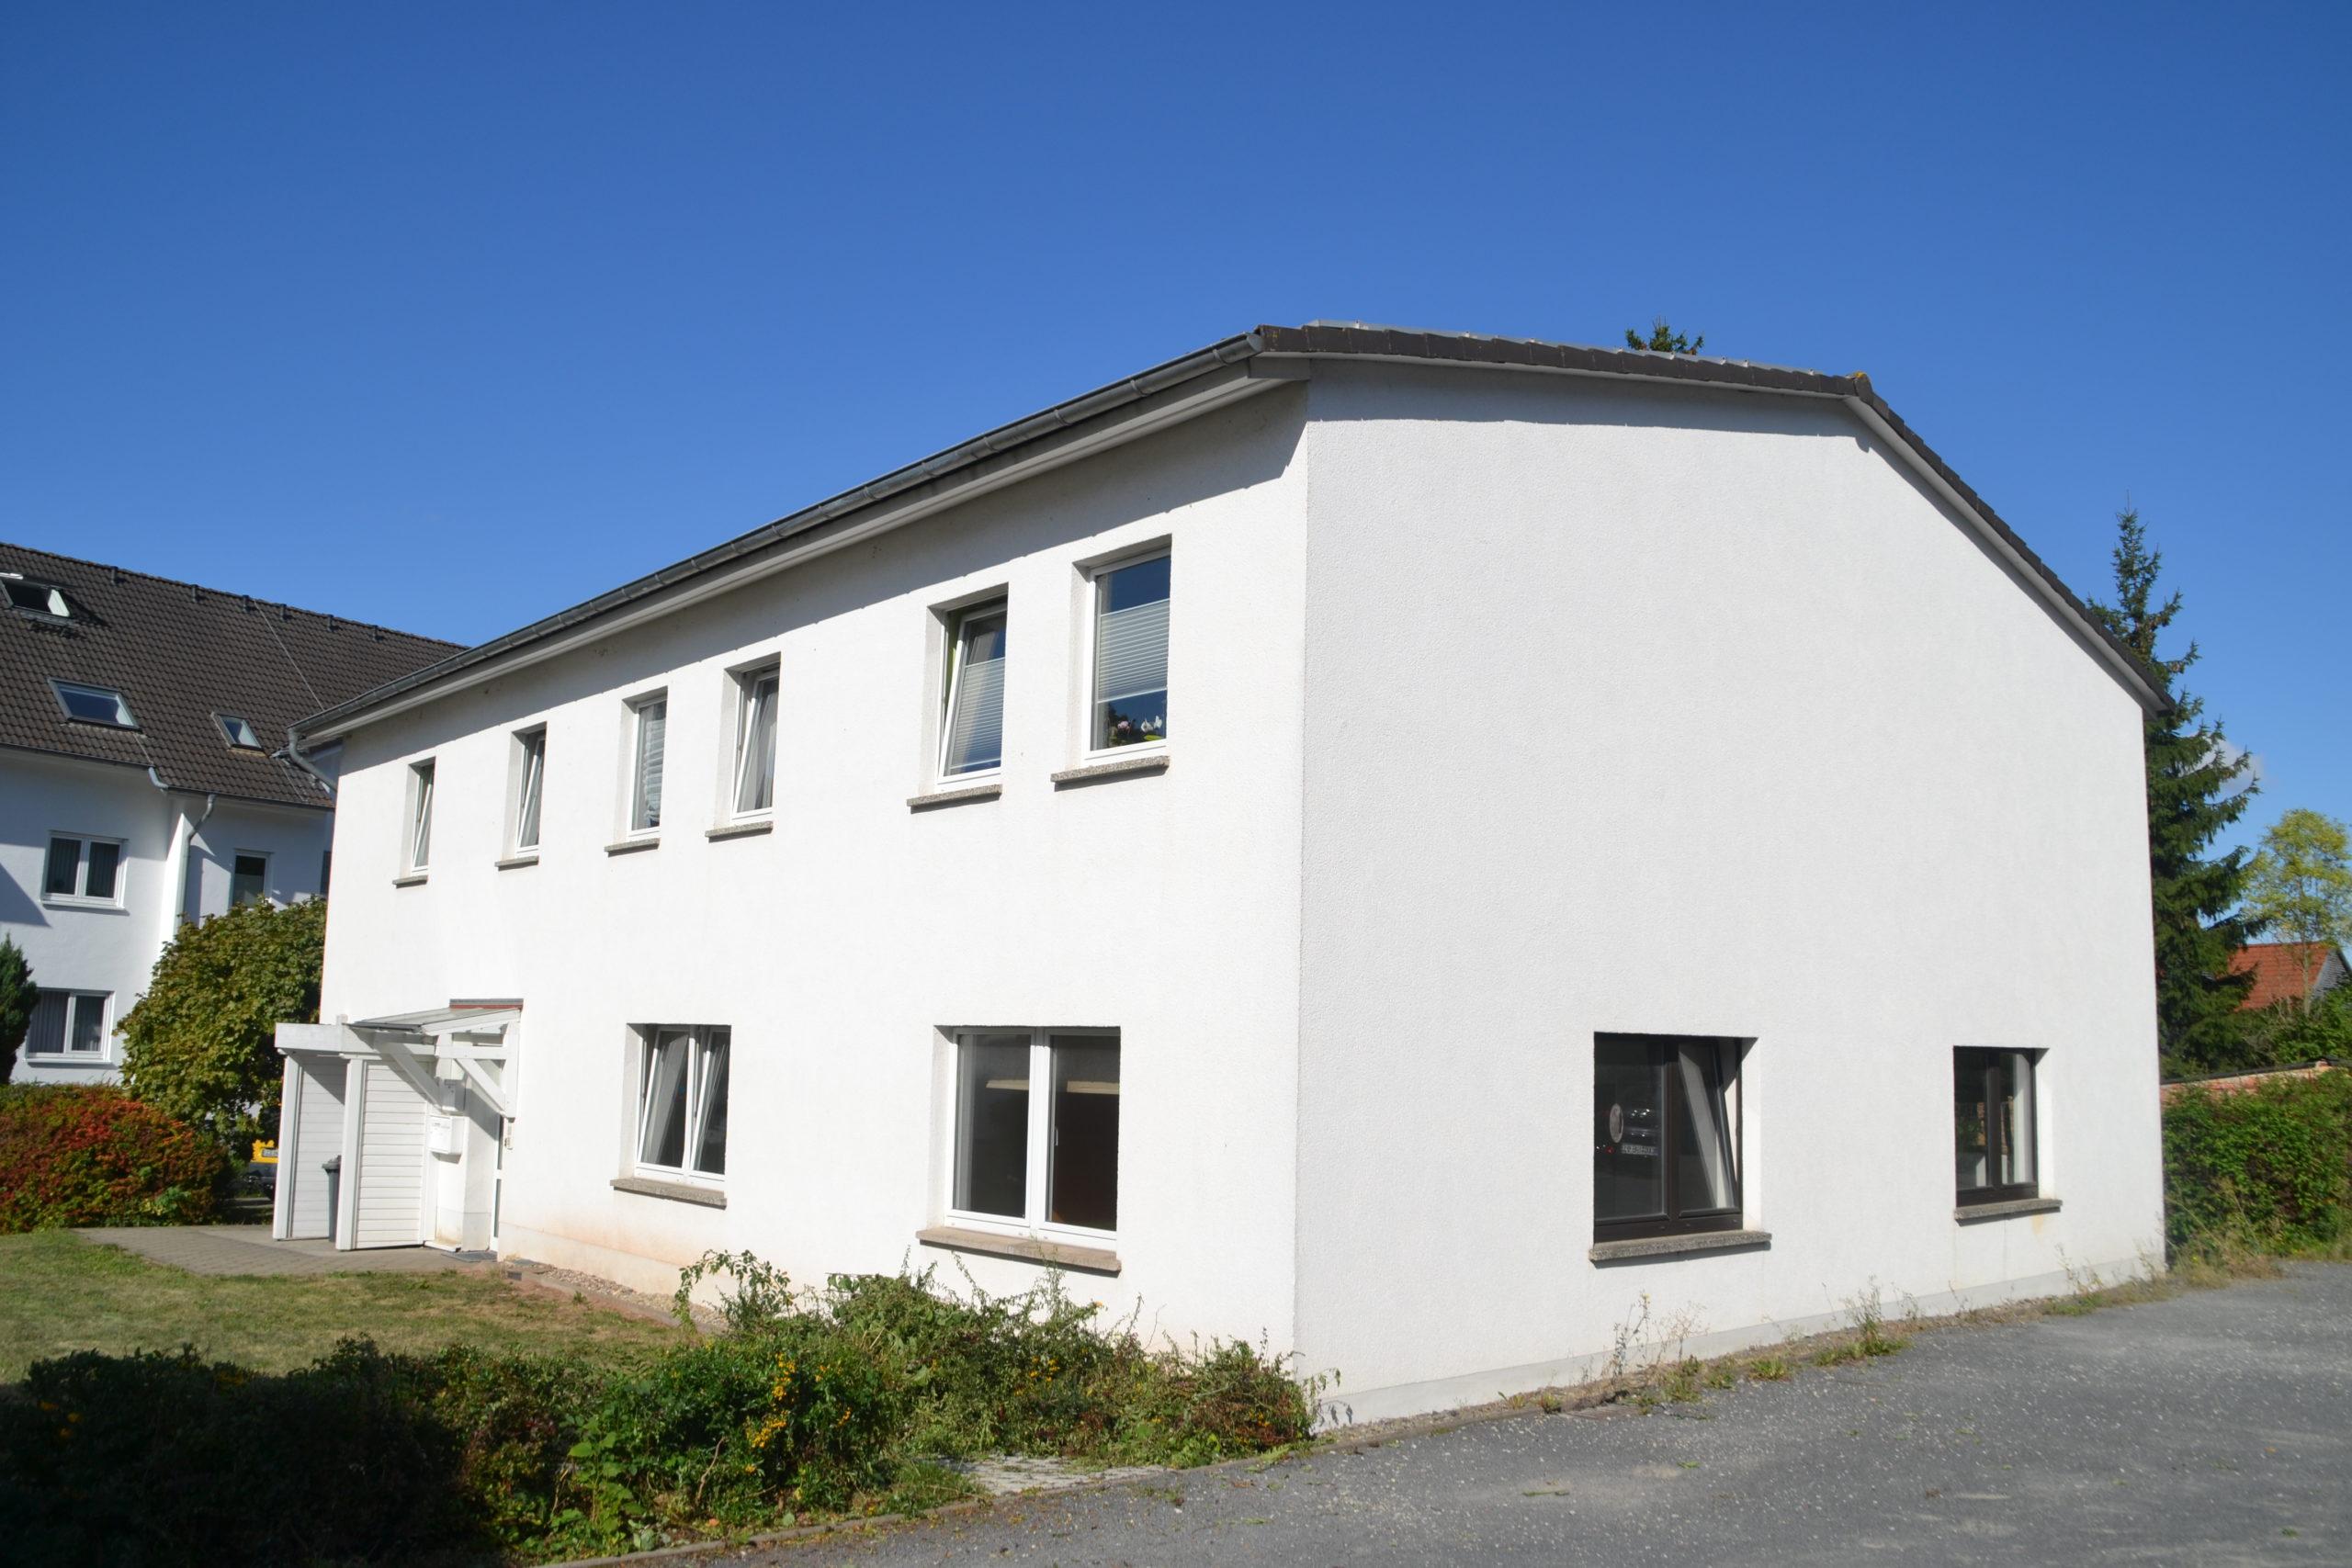 Erdgeschossetage zum Selbstausbau in guter Lage von Heiligenstadt zu verkaufen